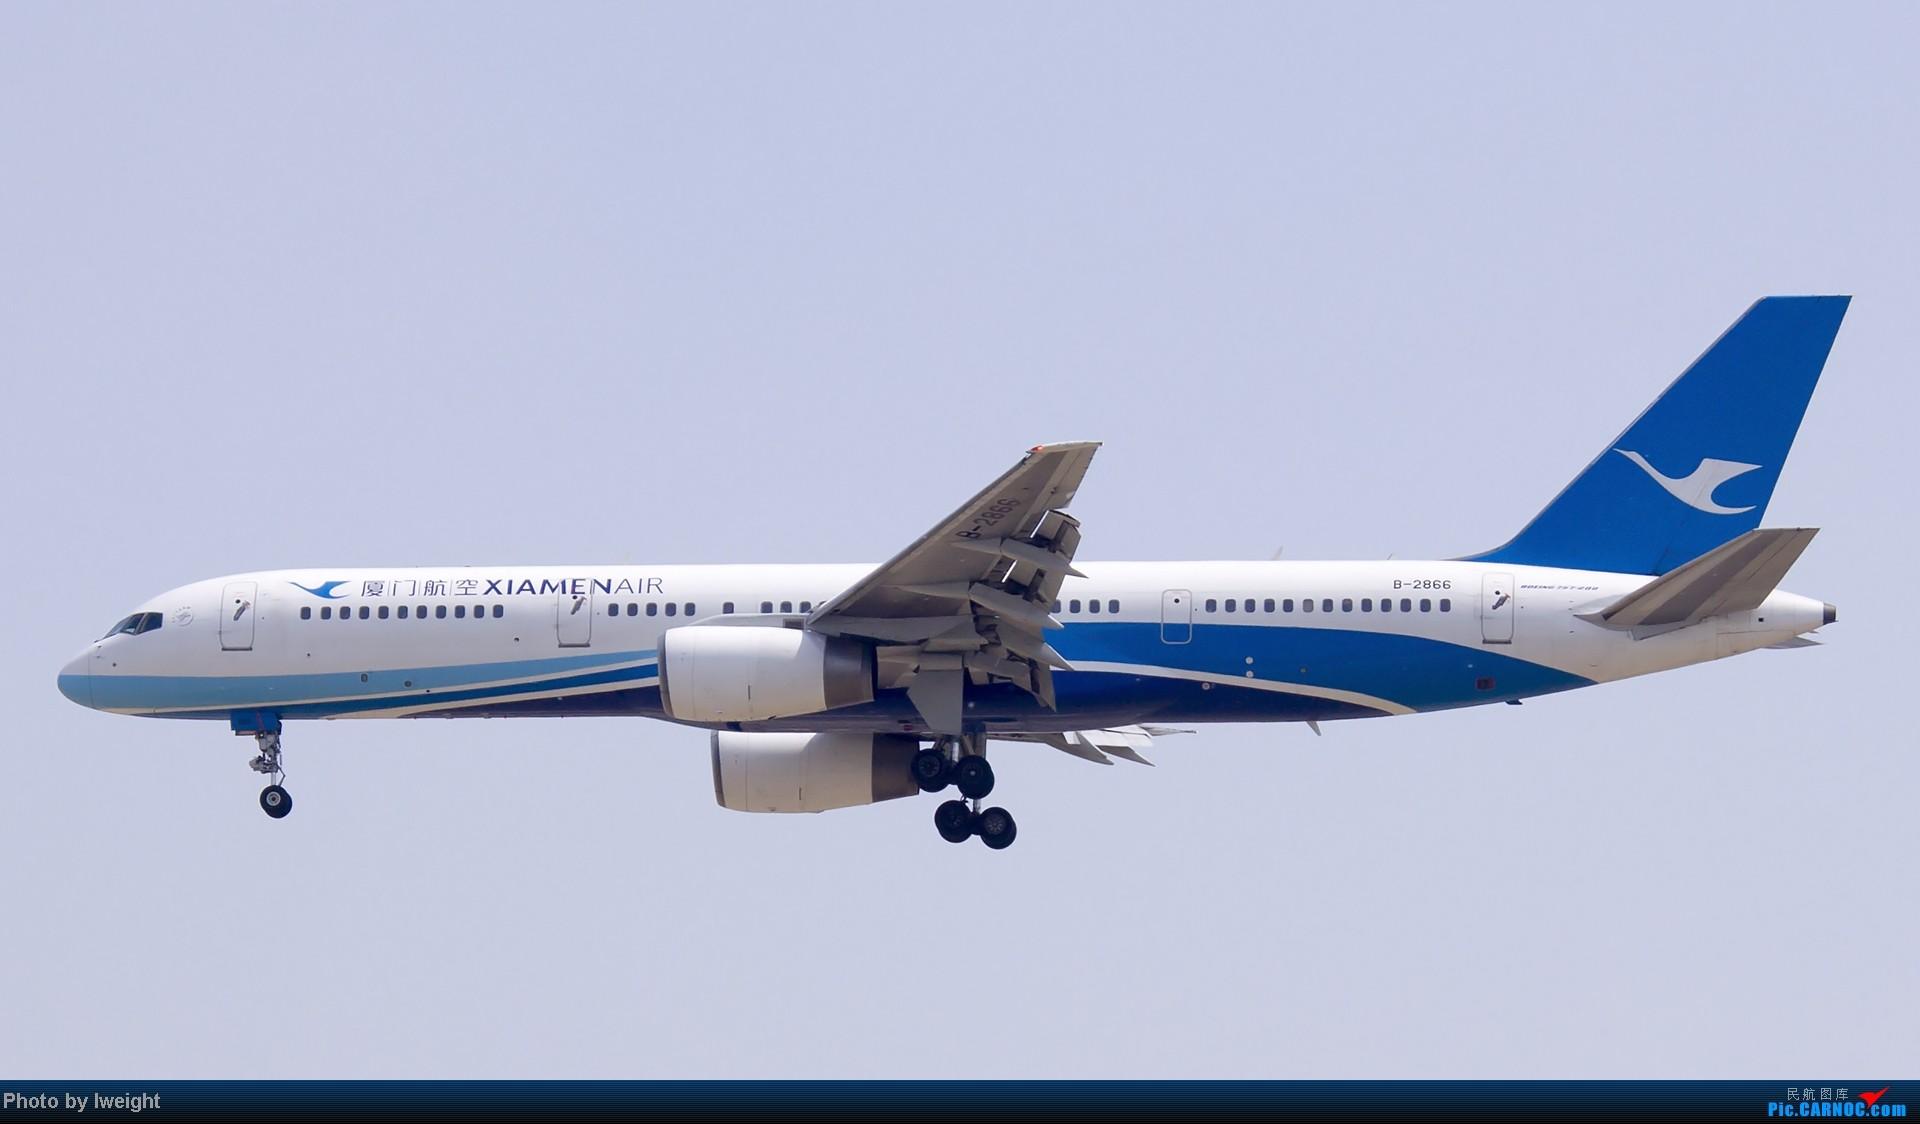 [原创]错过了卡航的巴塞罗那号,只有这些大路货了,泪奔啊 BOEING 757-200 B-2866 中国北京首都机场